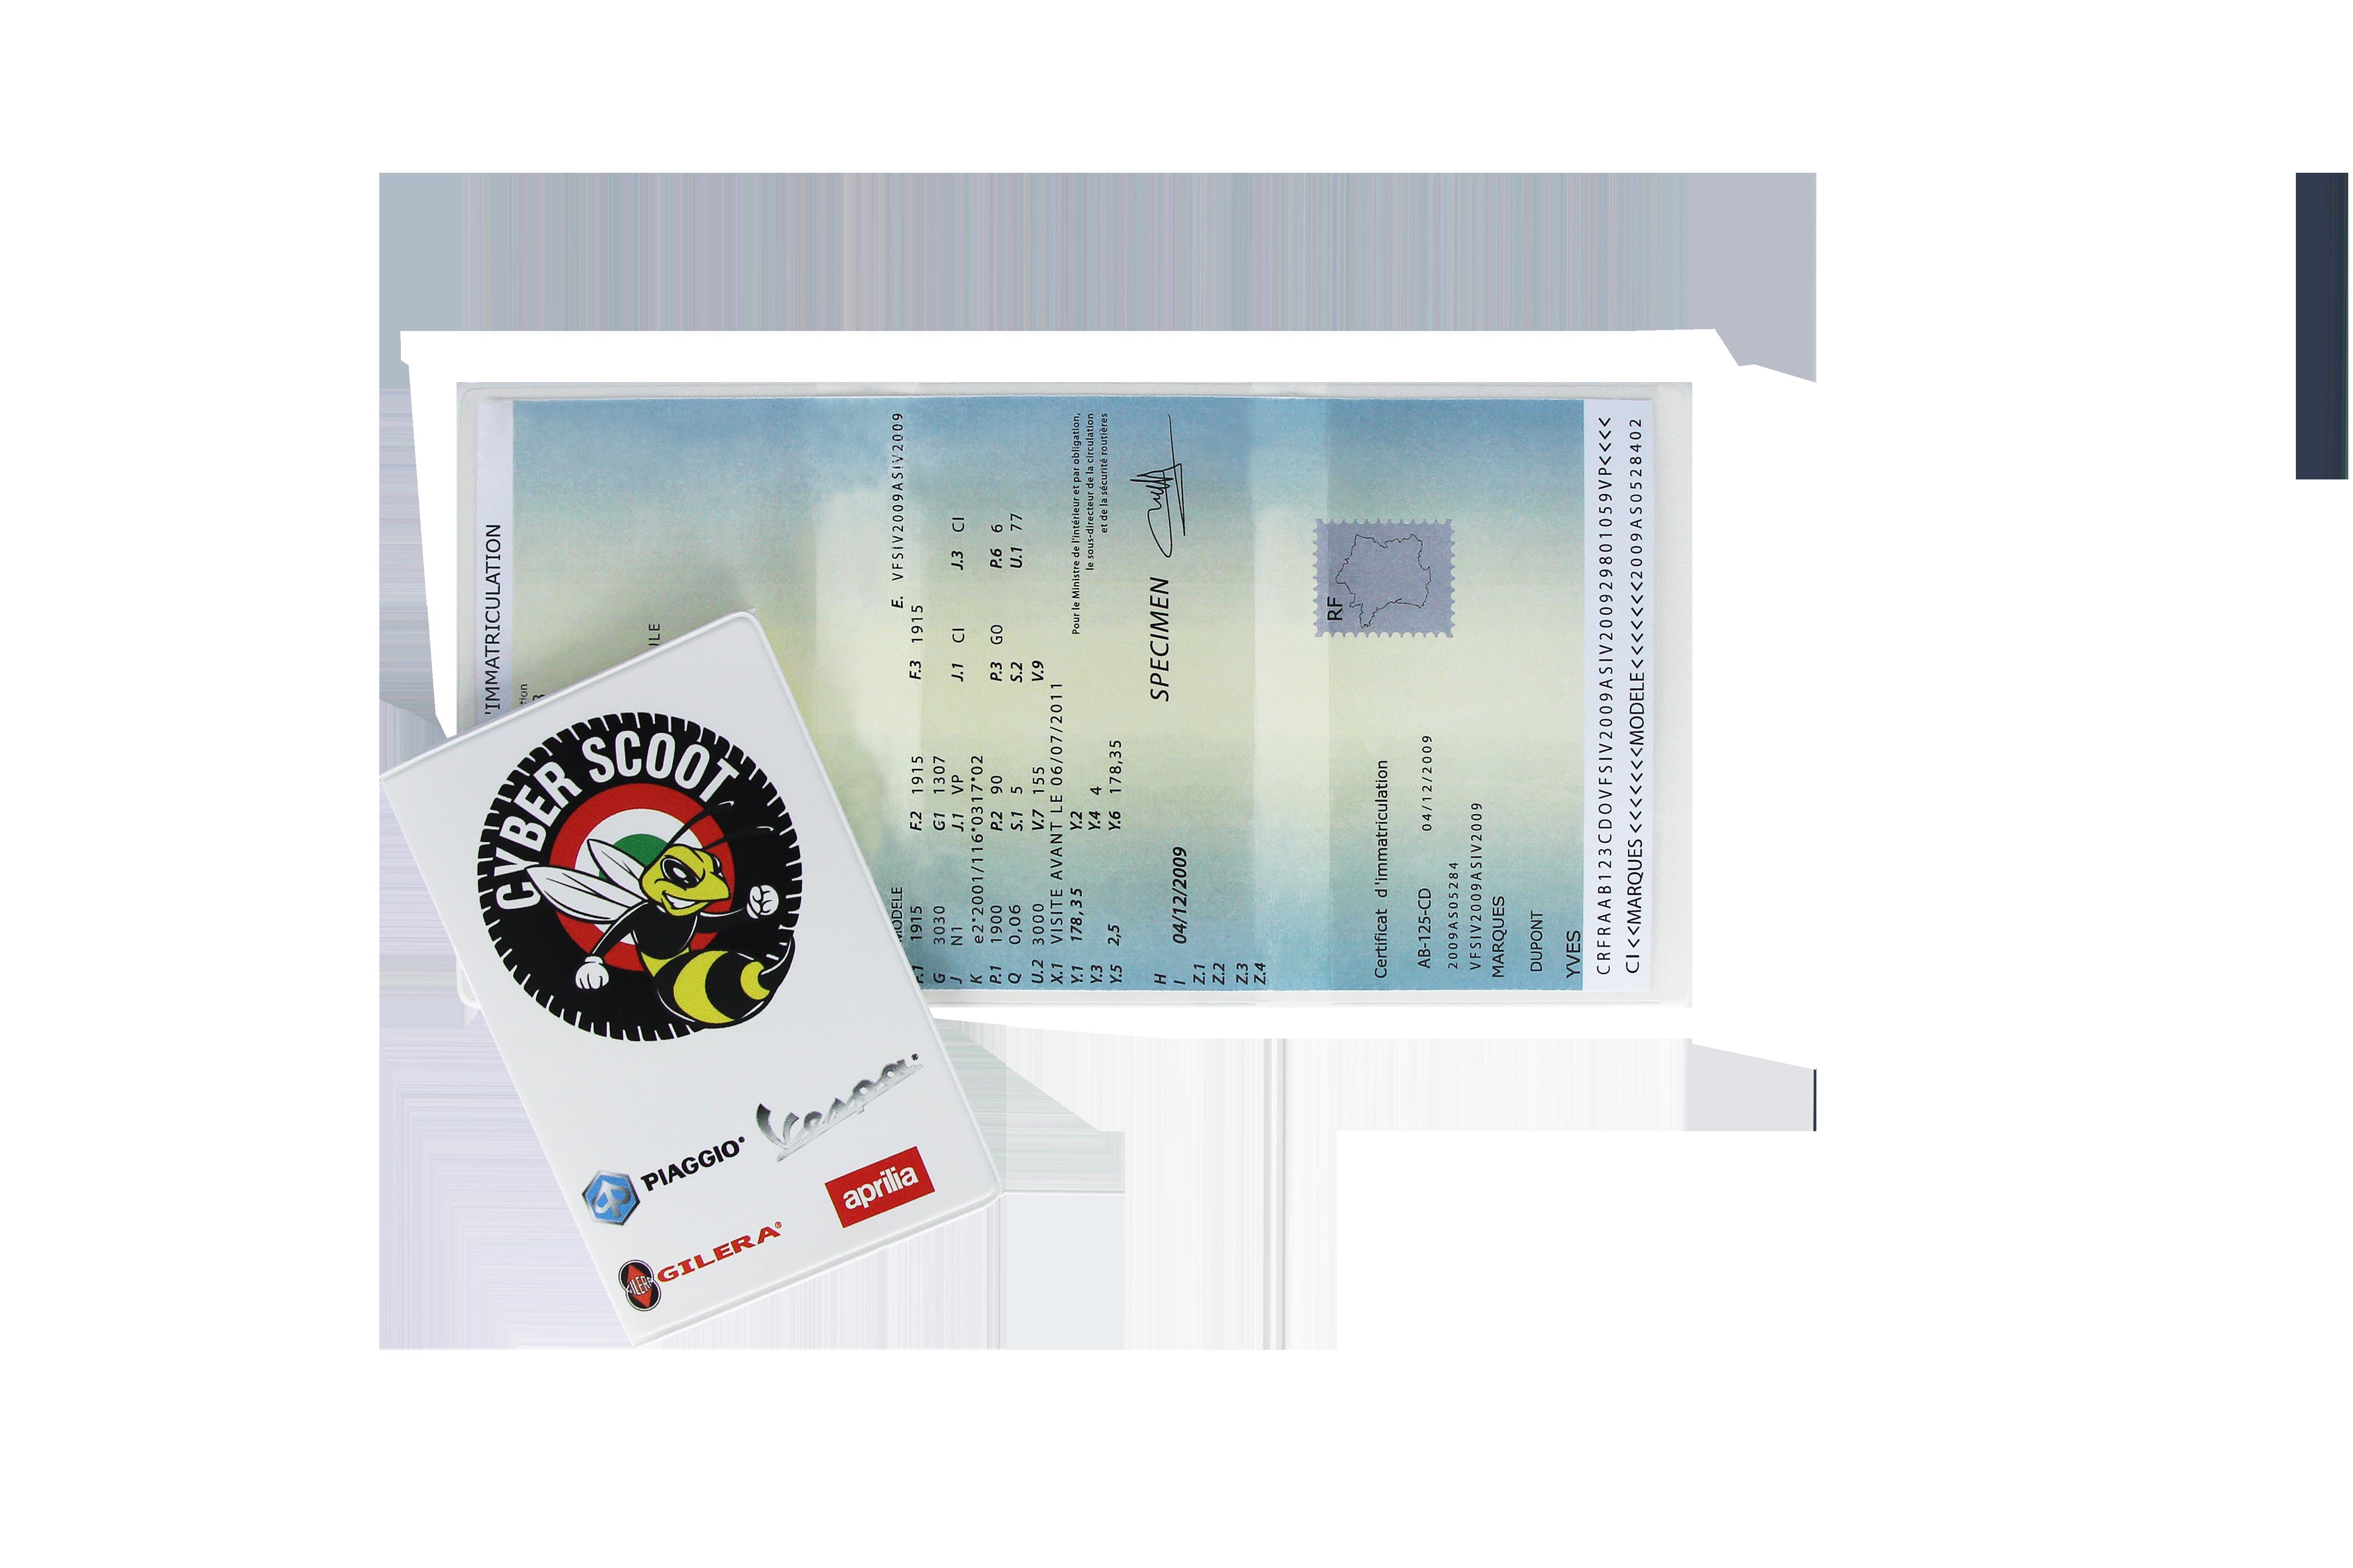 Ref. 1128 NUM - Porte carte grise - Impression numérique